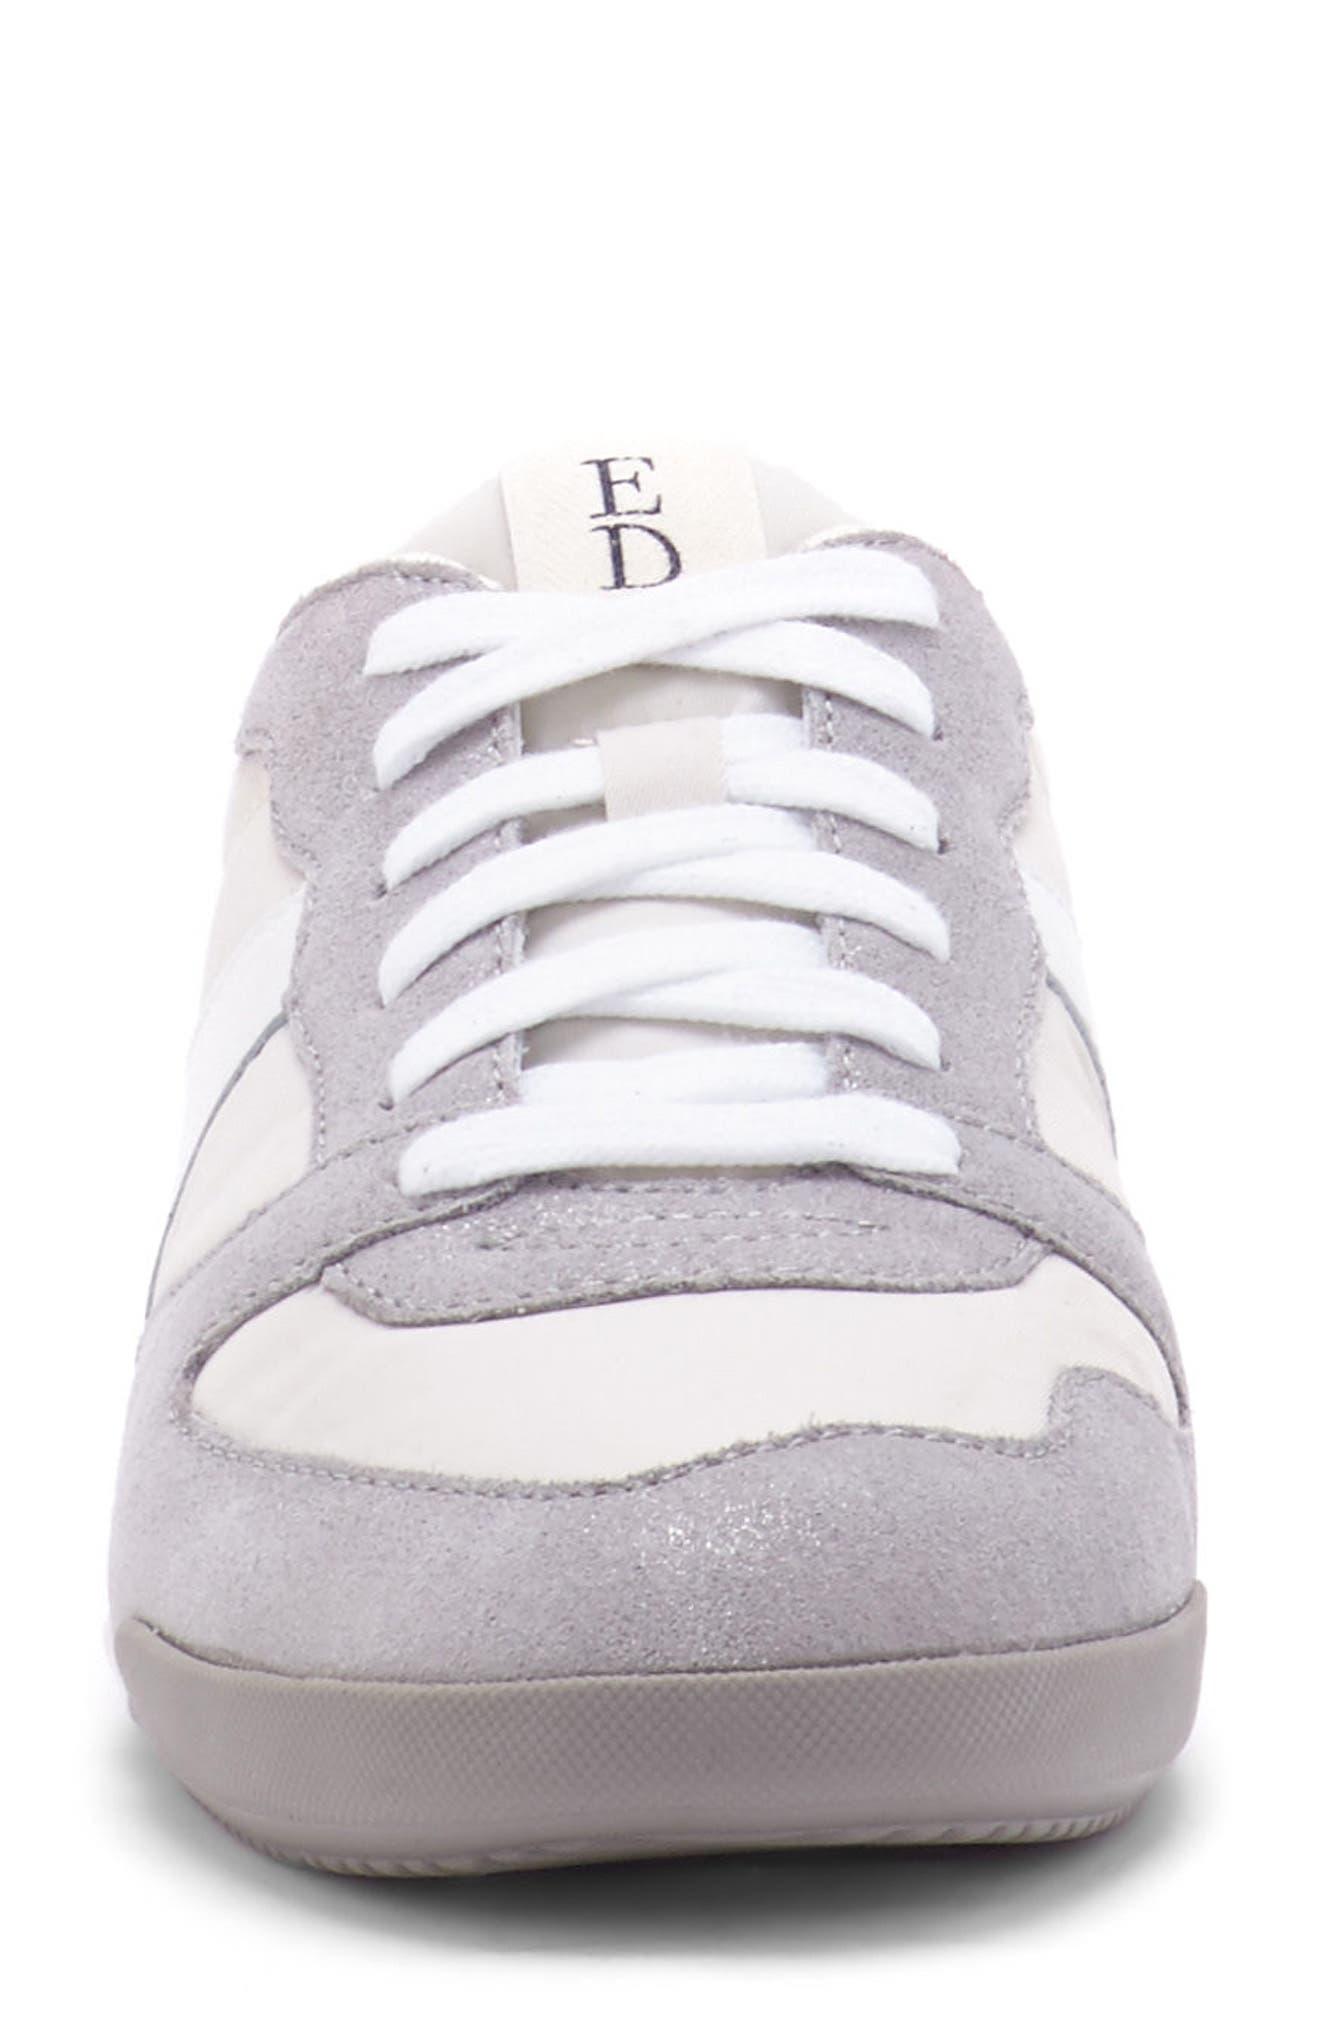 Alternate Image 3  - ED Ellen DeGeneres Ellert Sneaker (Women)